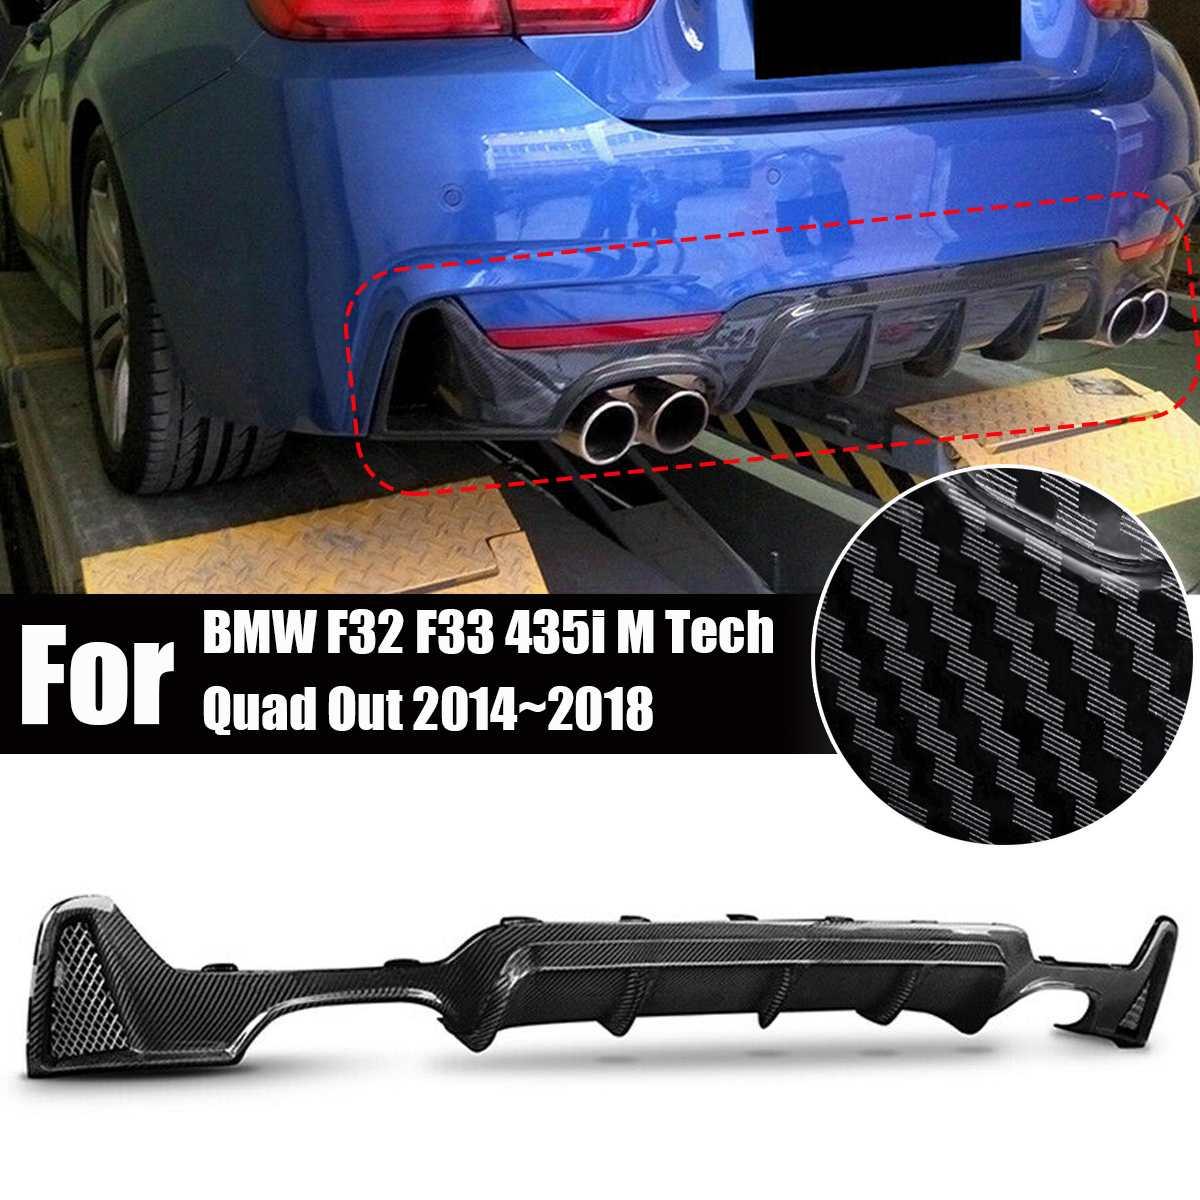 Diffuseur de lèvre de pare-chocs arrière de Style de Fiber de carbone de quatre sorties diffuseur de lèvre de pare-chocs de voiture pour BMW F32 F33 435i M Tech Quad Out 2014 ~ 2018